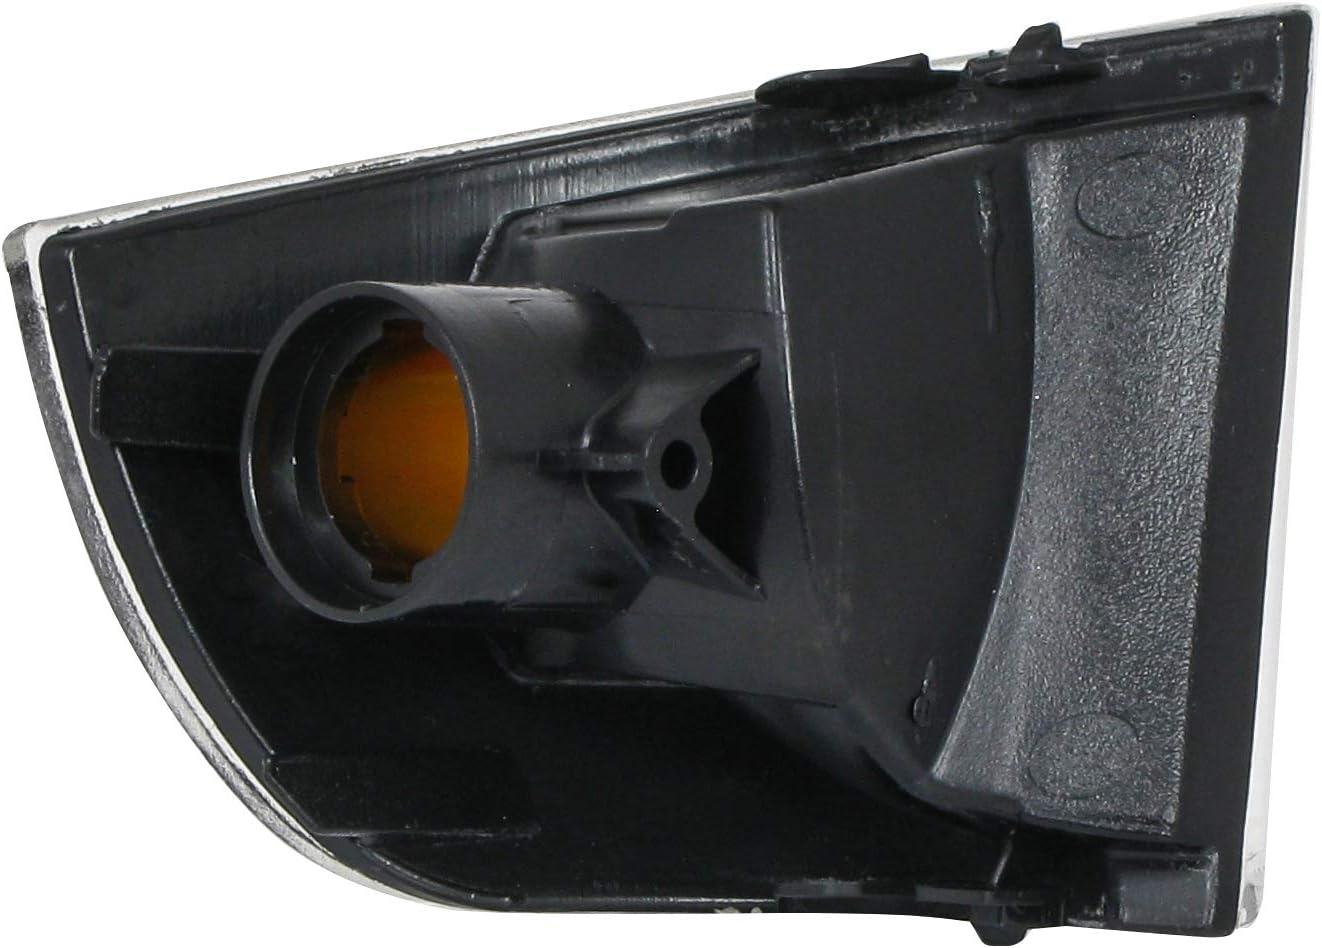 Espejo retrovisor derecho presente| para Iveco DAILY |2006-2014| Iveco DAILY indicador de luz AUTO ZH 2014